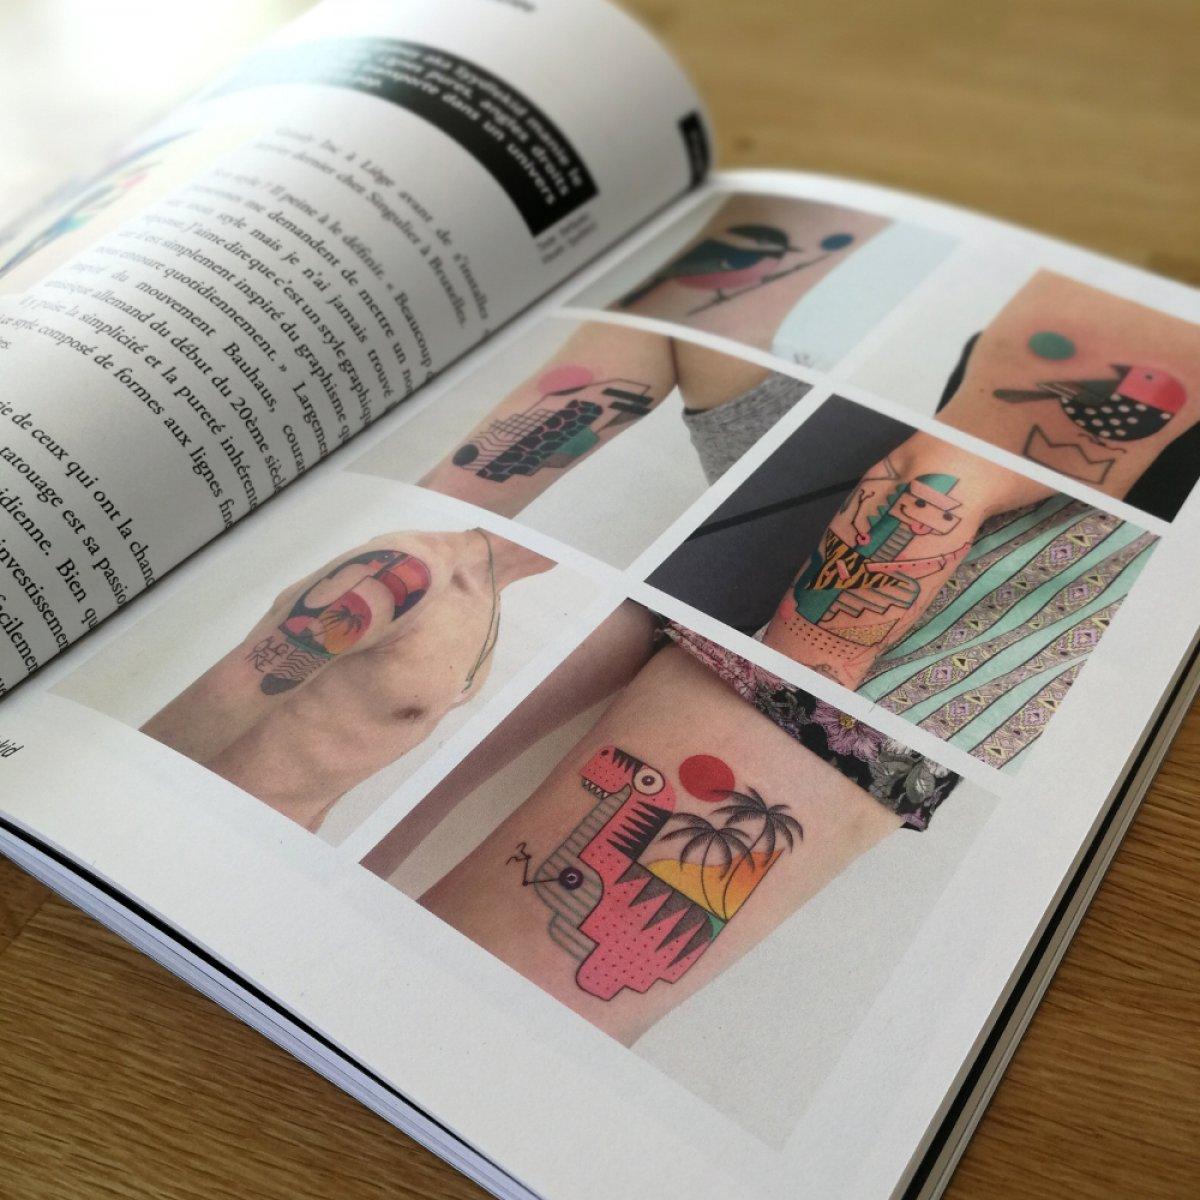 Extraits de Jeter l'Encre Issue ##2: dans l'ordre, Coeur par Nag et tatouages réalisés par Syydlekid.